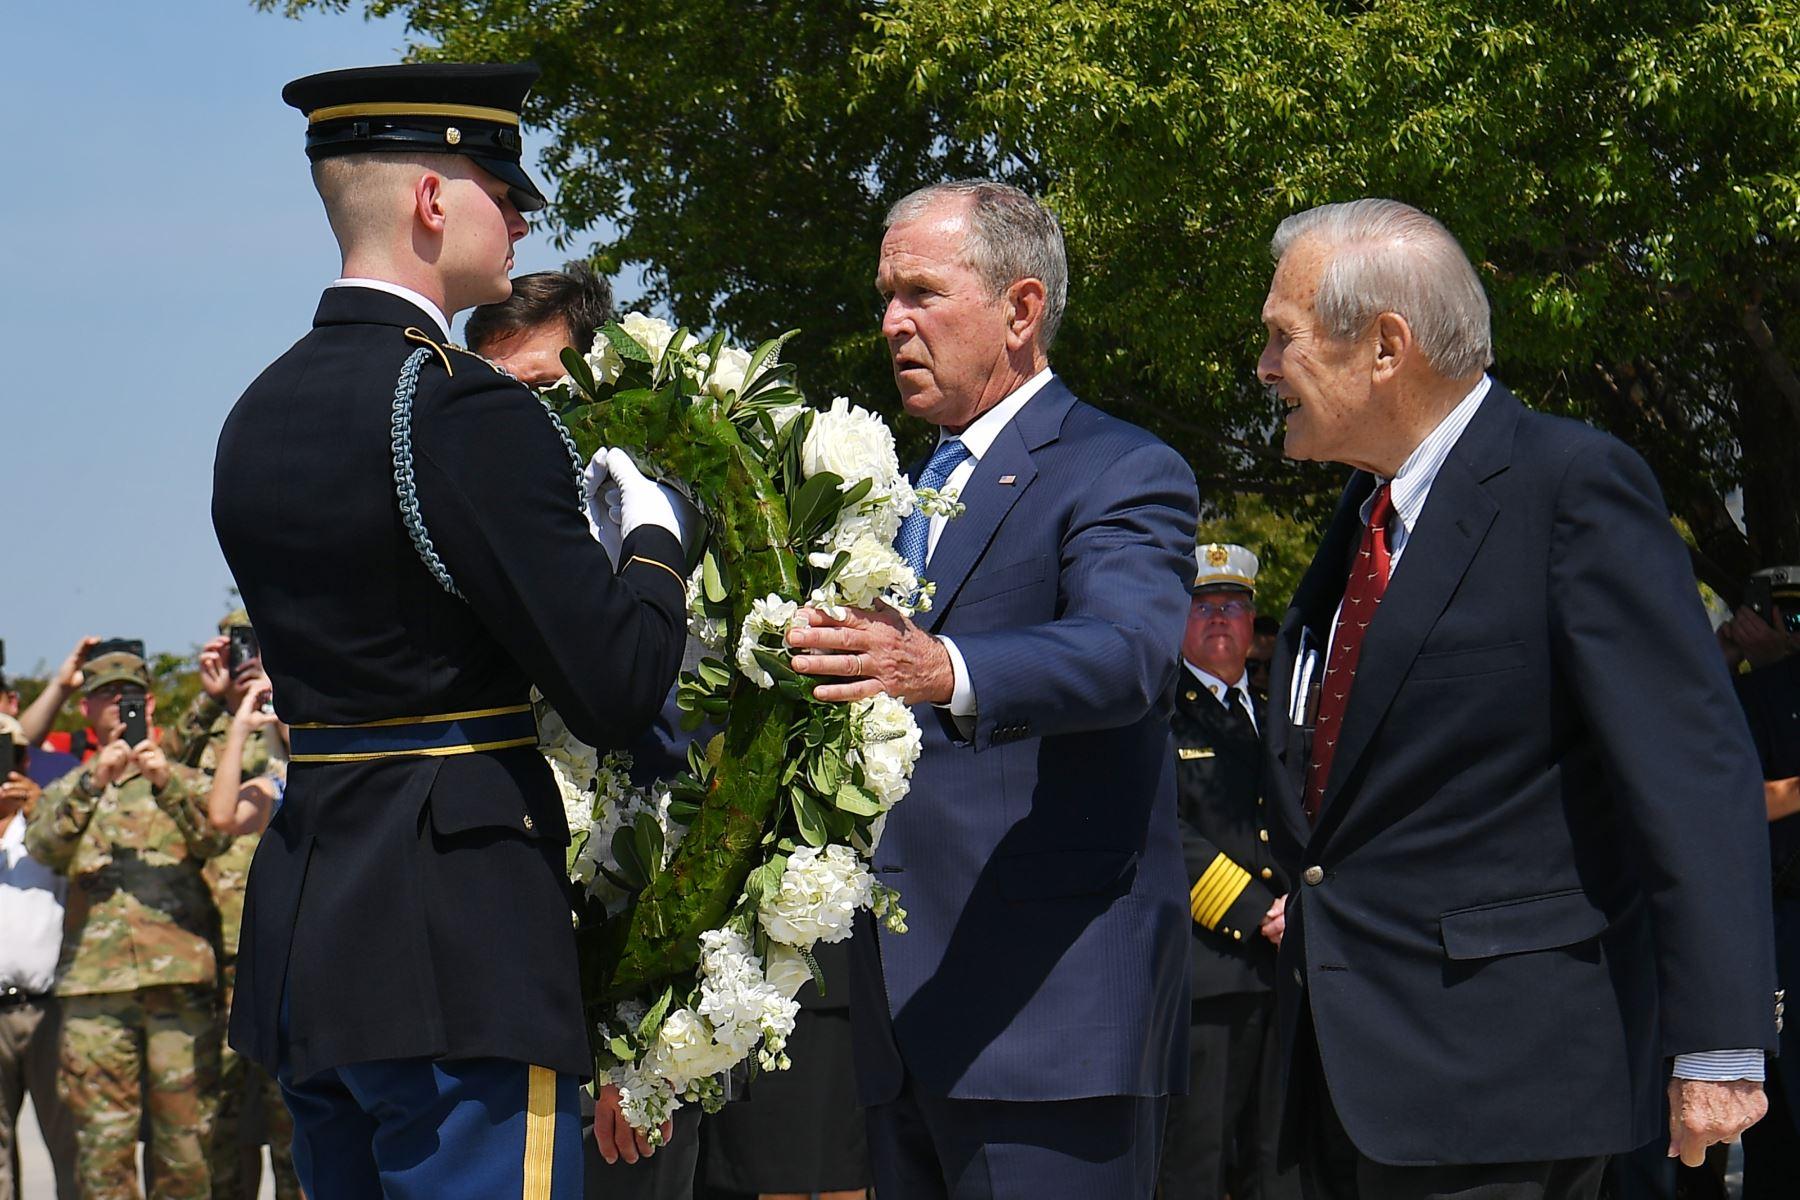 El ex presidente estadounidense George W. Bush y el ex secretario de Defensa Donald Rumsfeld (R) participan en una ceremonia de colocación de coronas para conmemorar el 11 de septiembre en el Memorial del Pentágono en Washington, DC. Foto:AFP